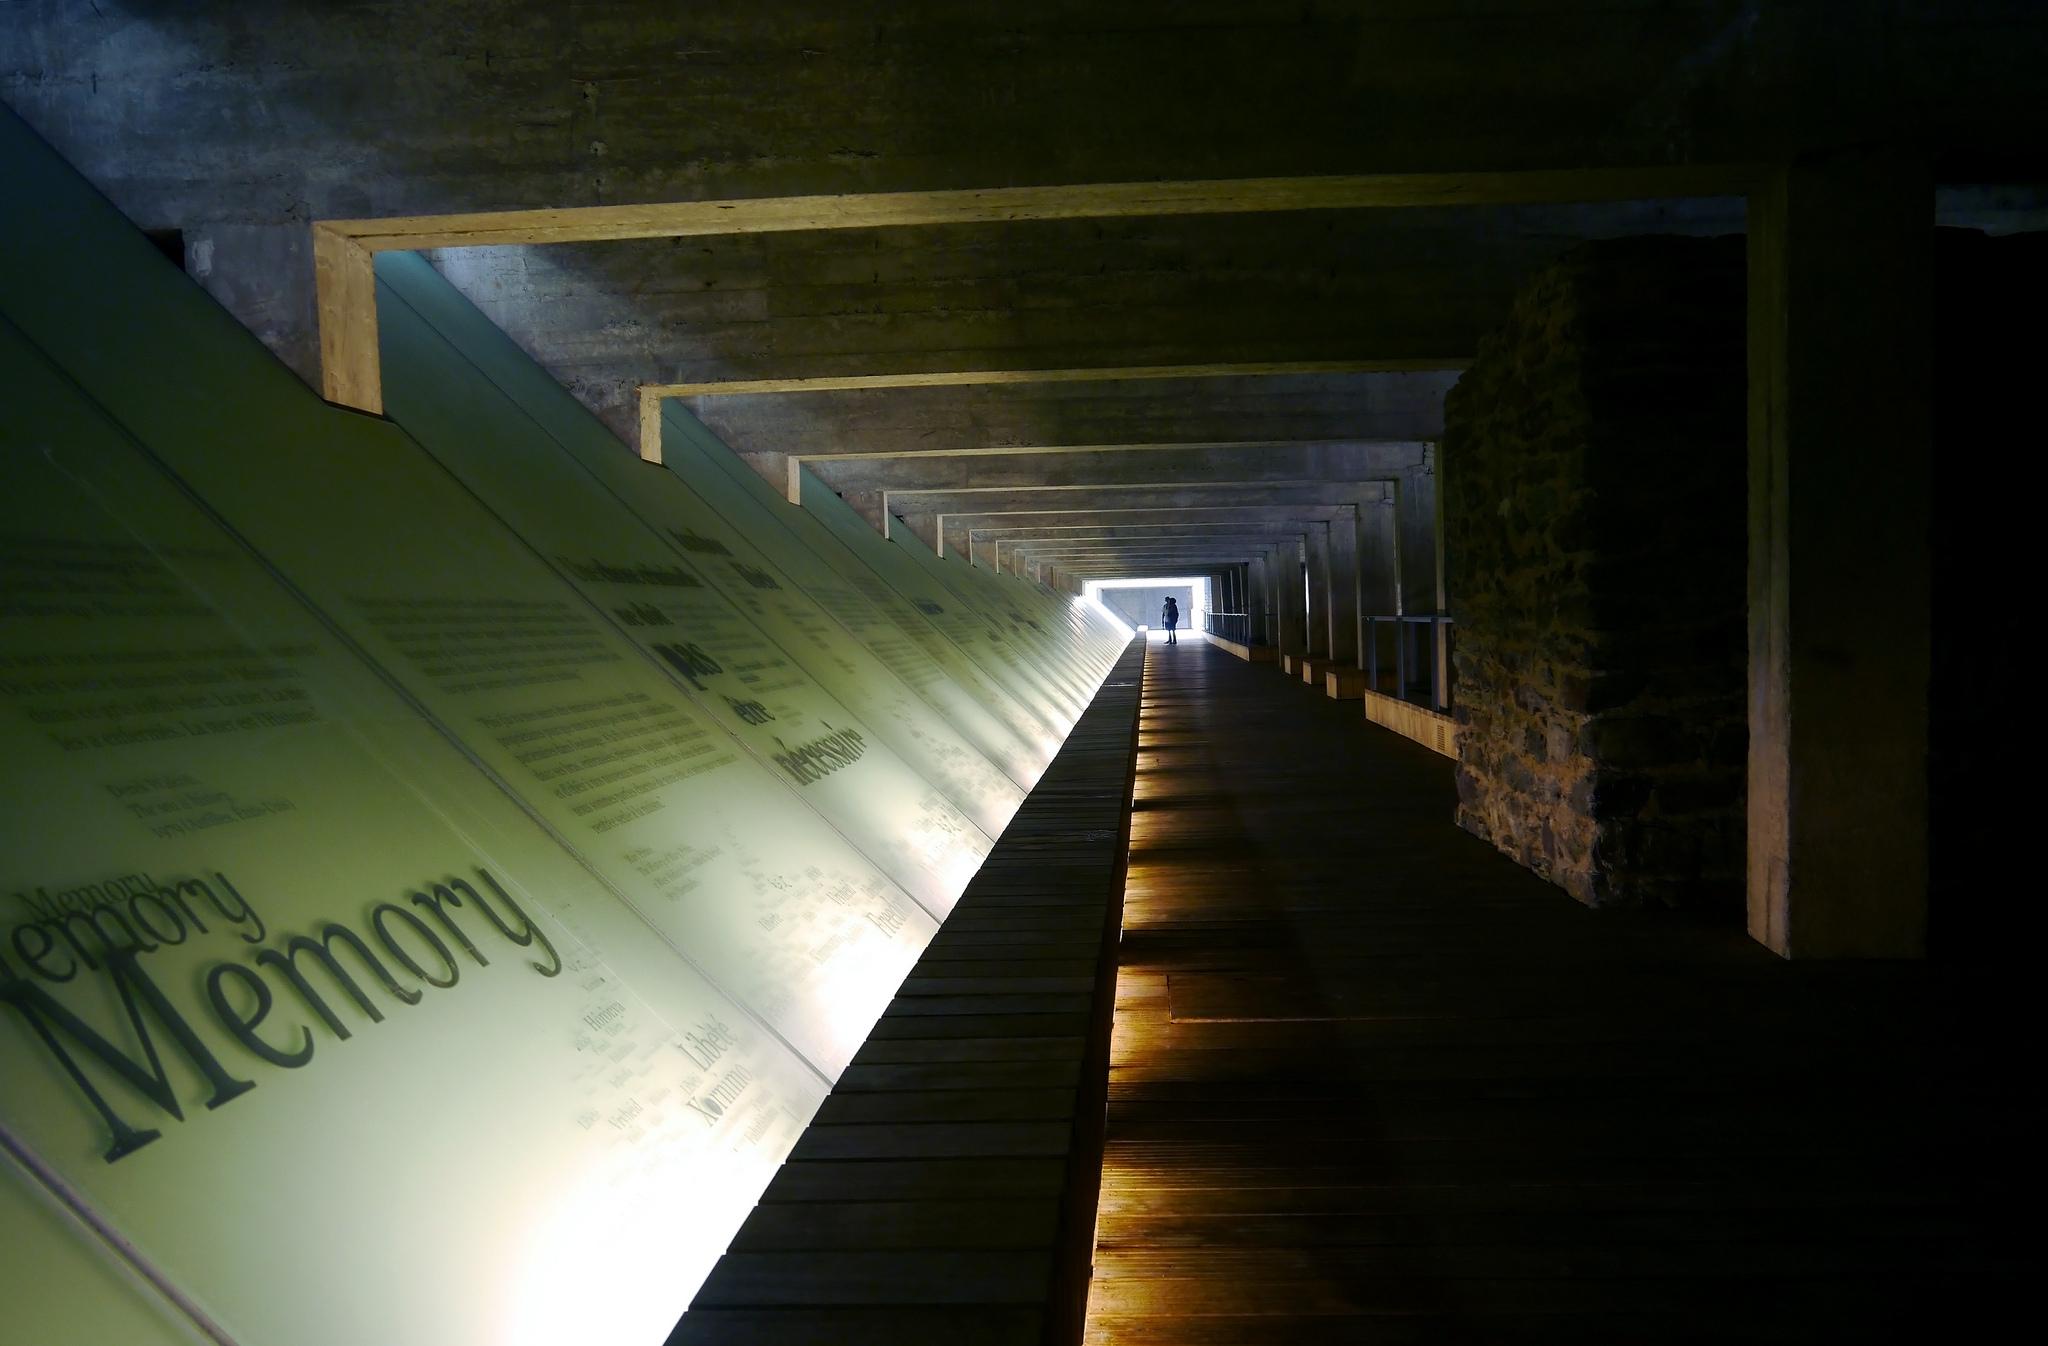 Mémorial de l'abolition de l'esclavage | © Groume / Flickr